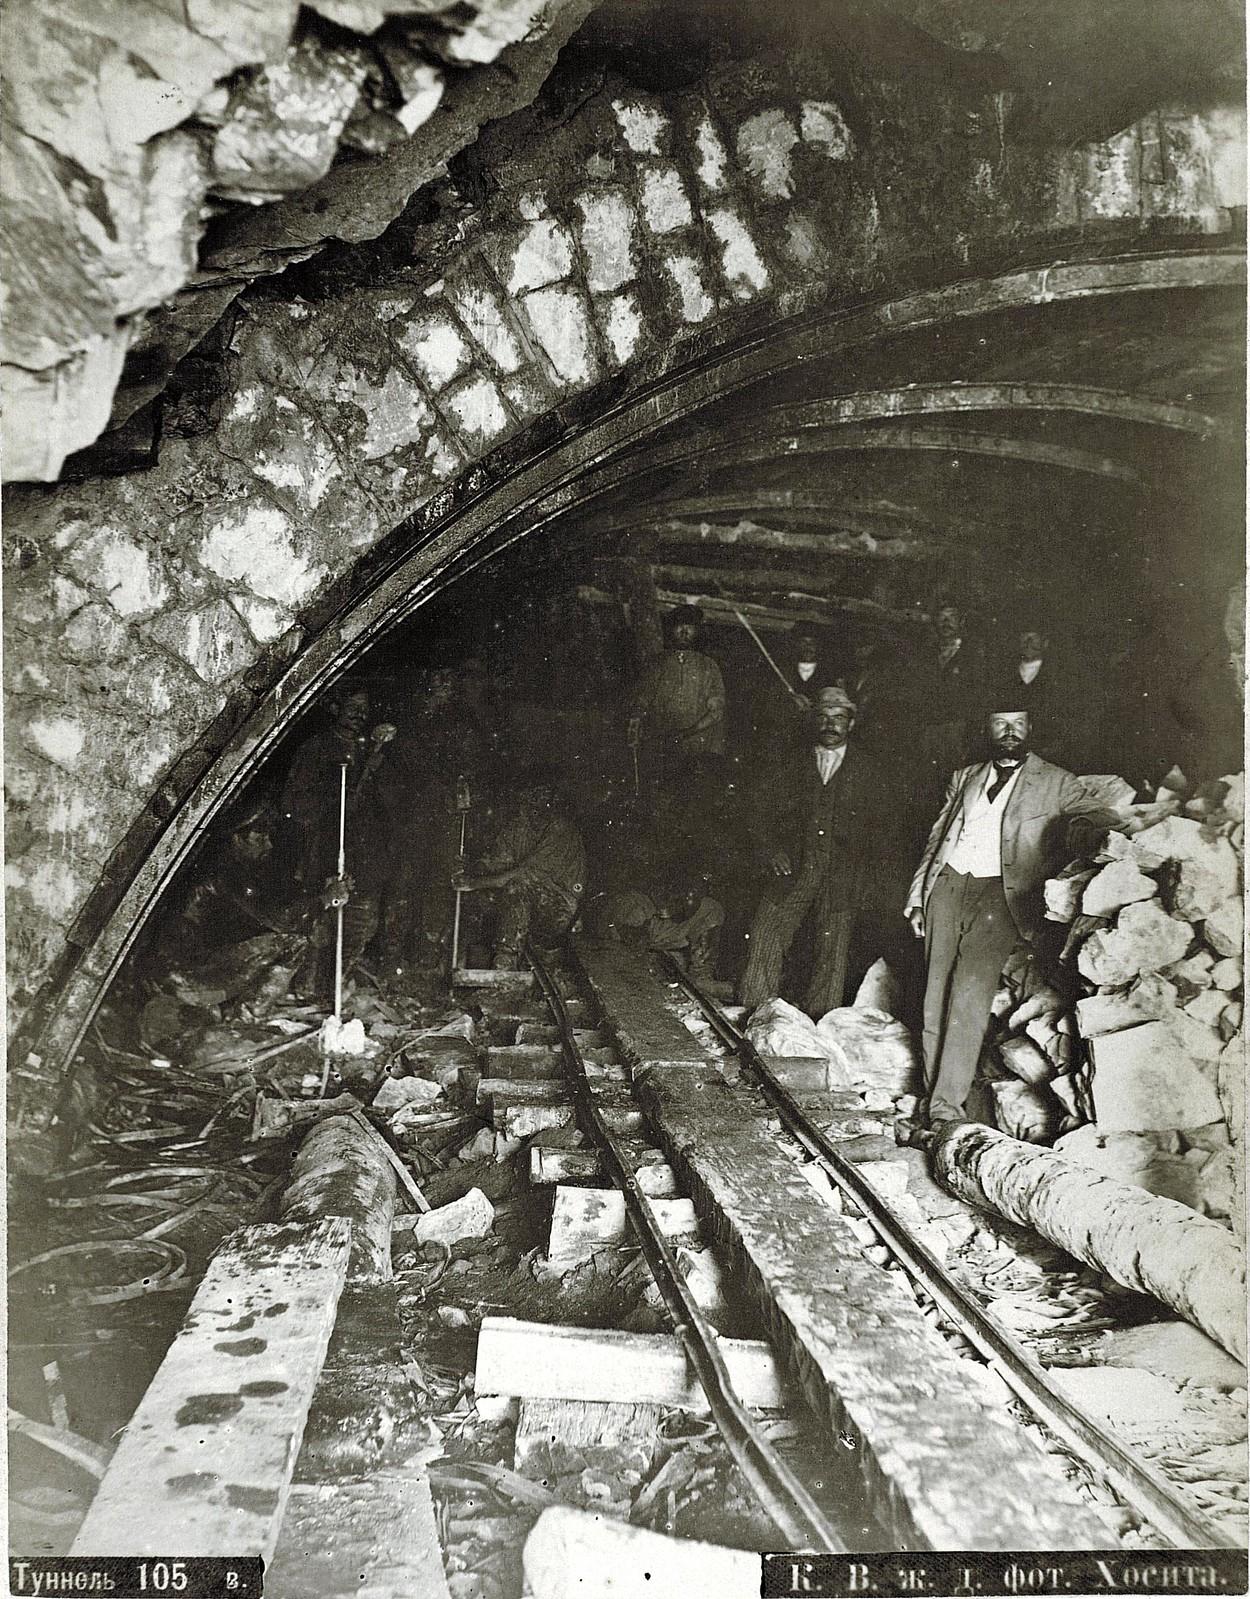 04. Туннель 105 в.